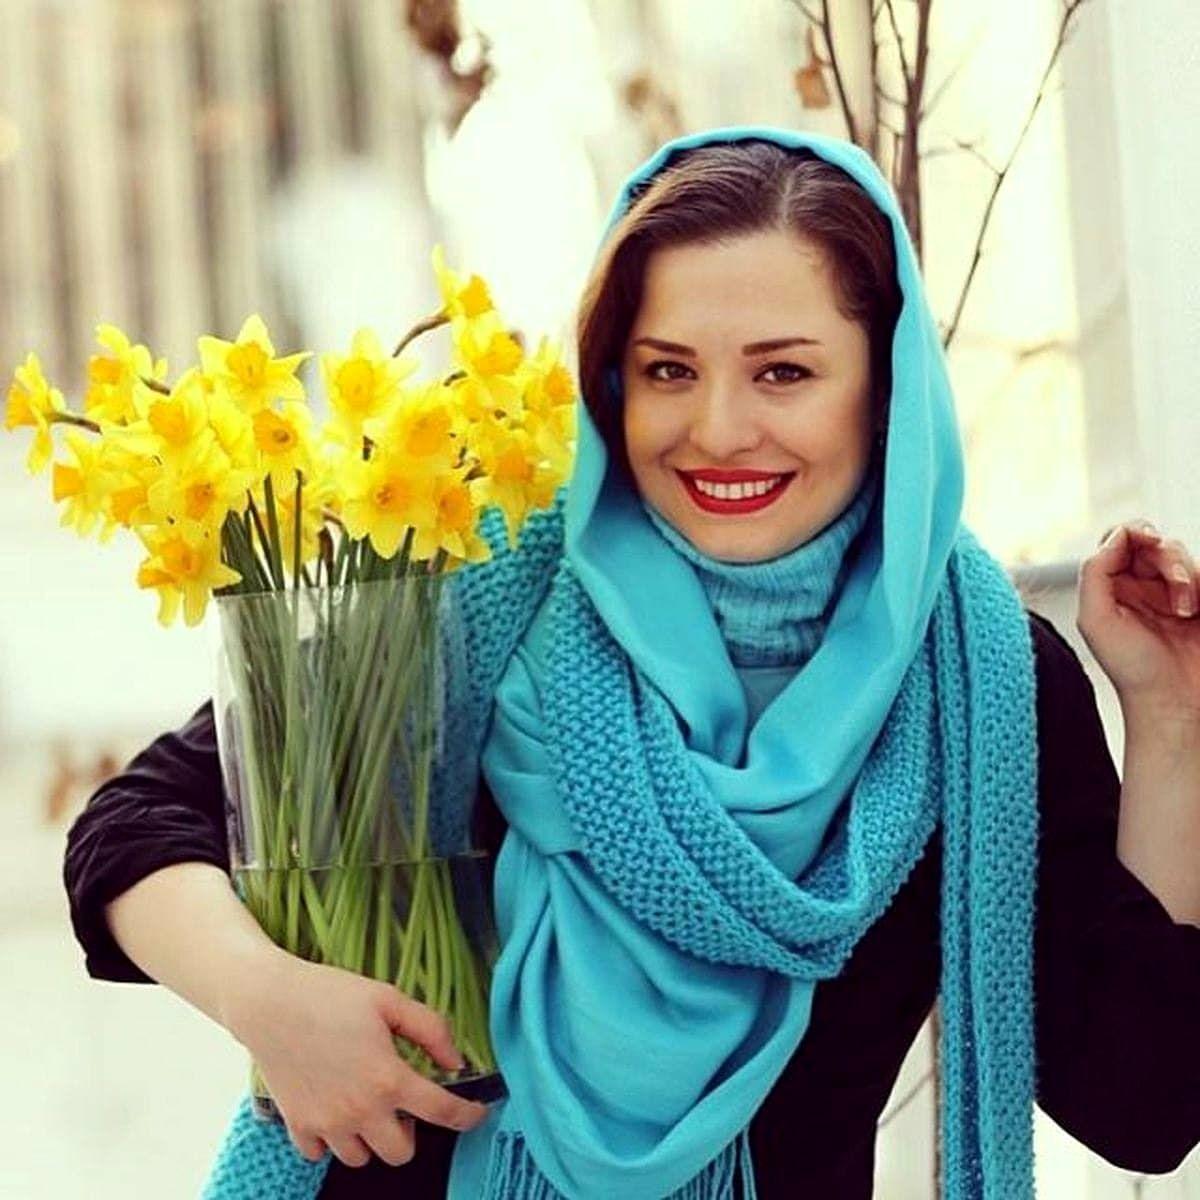 عکس جدید و جذاب مهراوه شریفی نیا